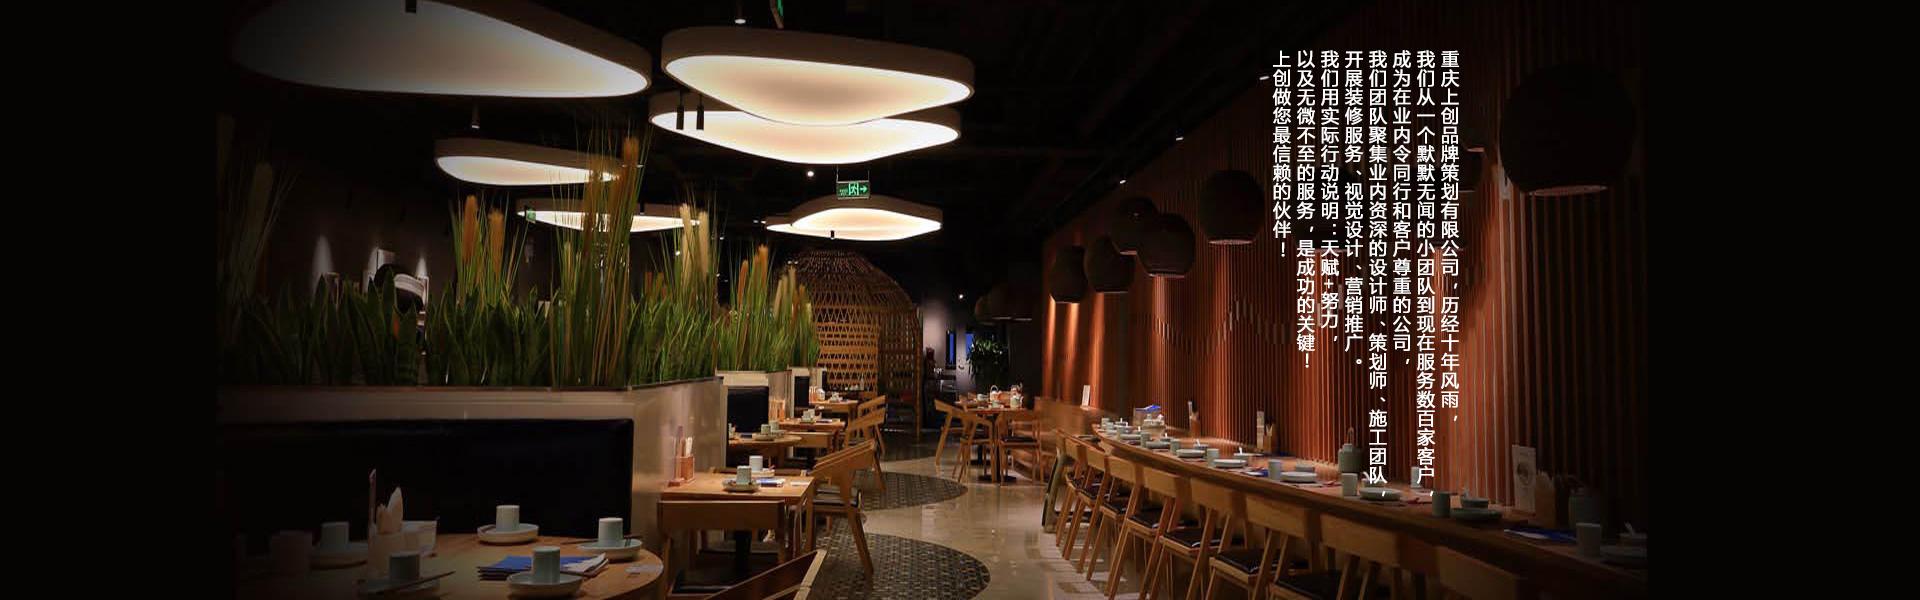 重庆餐饮设计历经十年风雨,我们从一个默默无闻的小团队到现在服务数百家客户